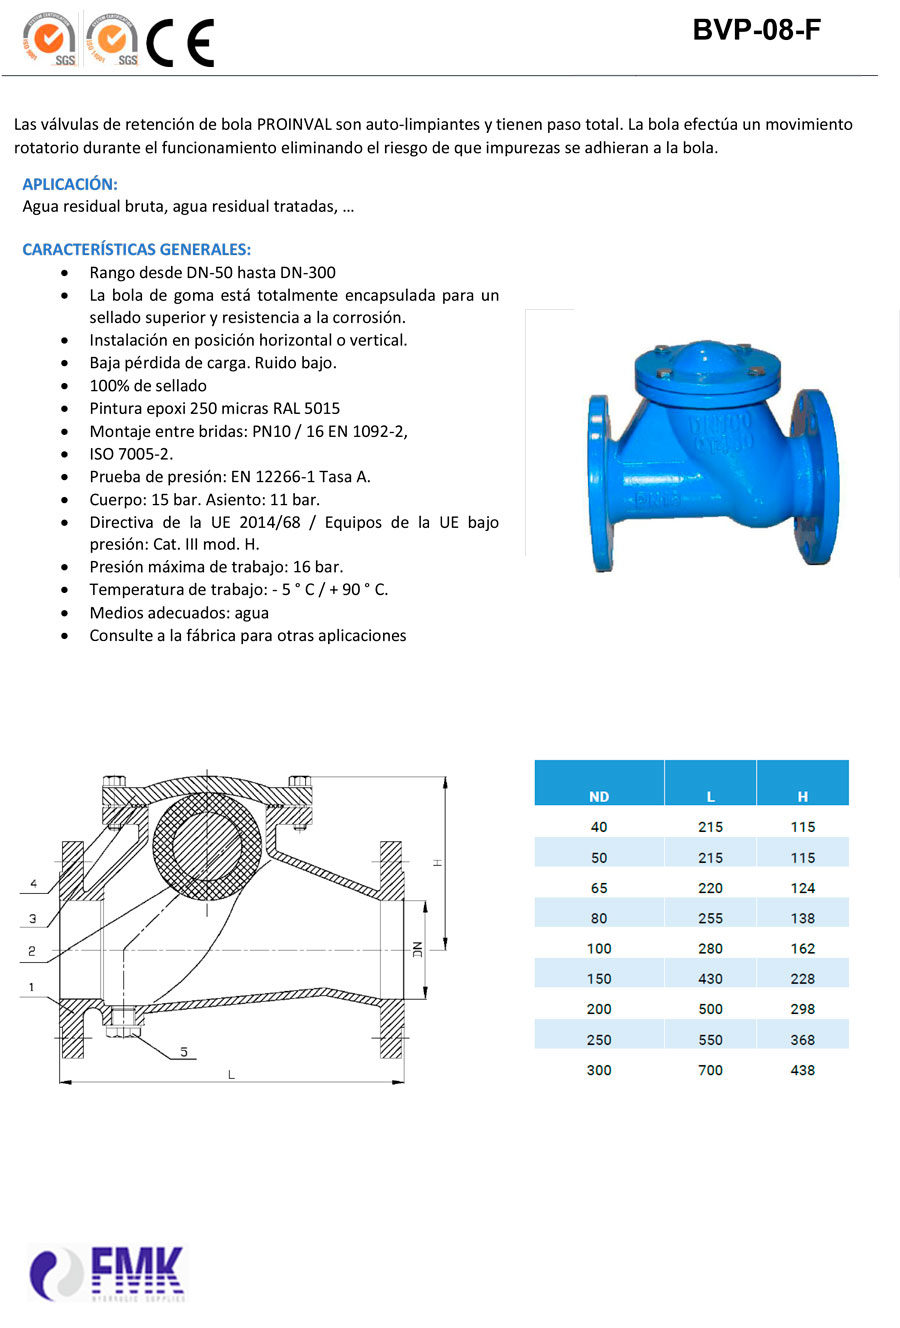 fmk-Valvula-de-retencion-de-bola-BVP-08-F-ficha-tecnica-1